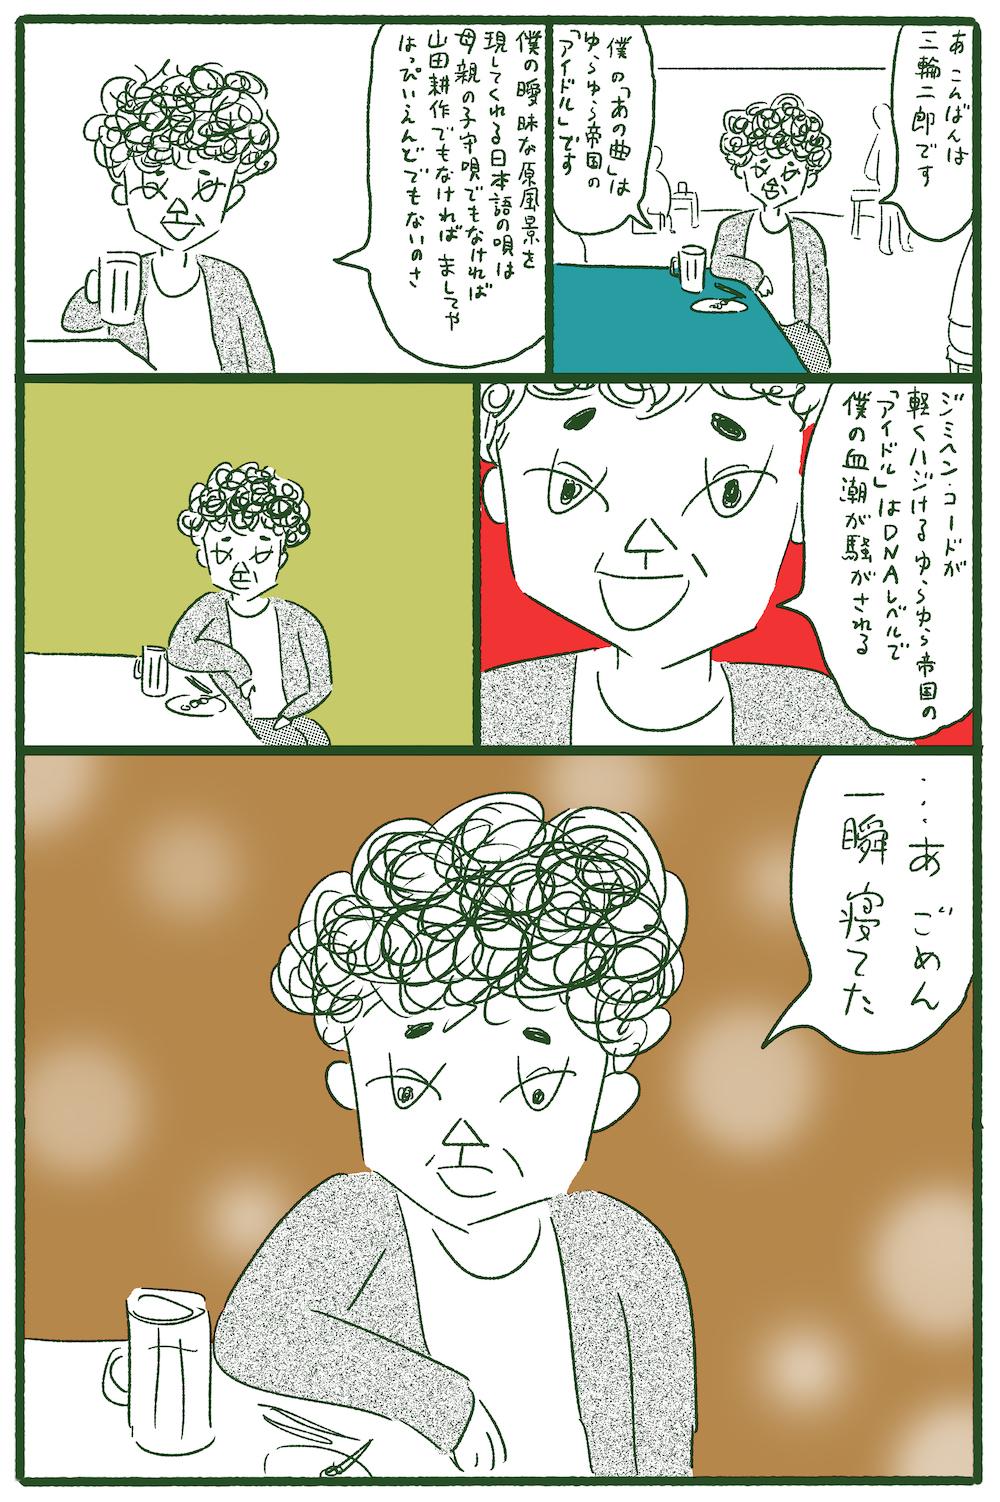 大橋裕之 三輪二郎